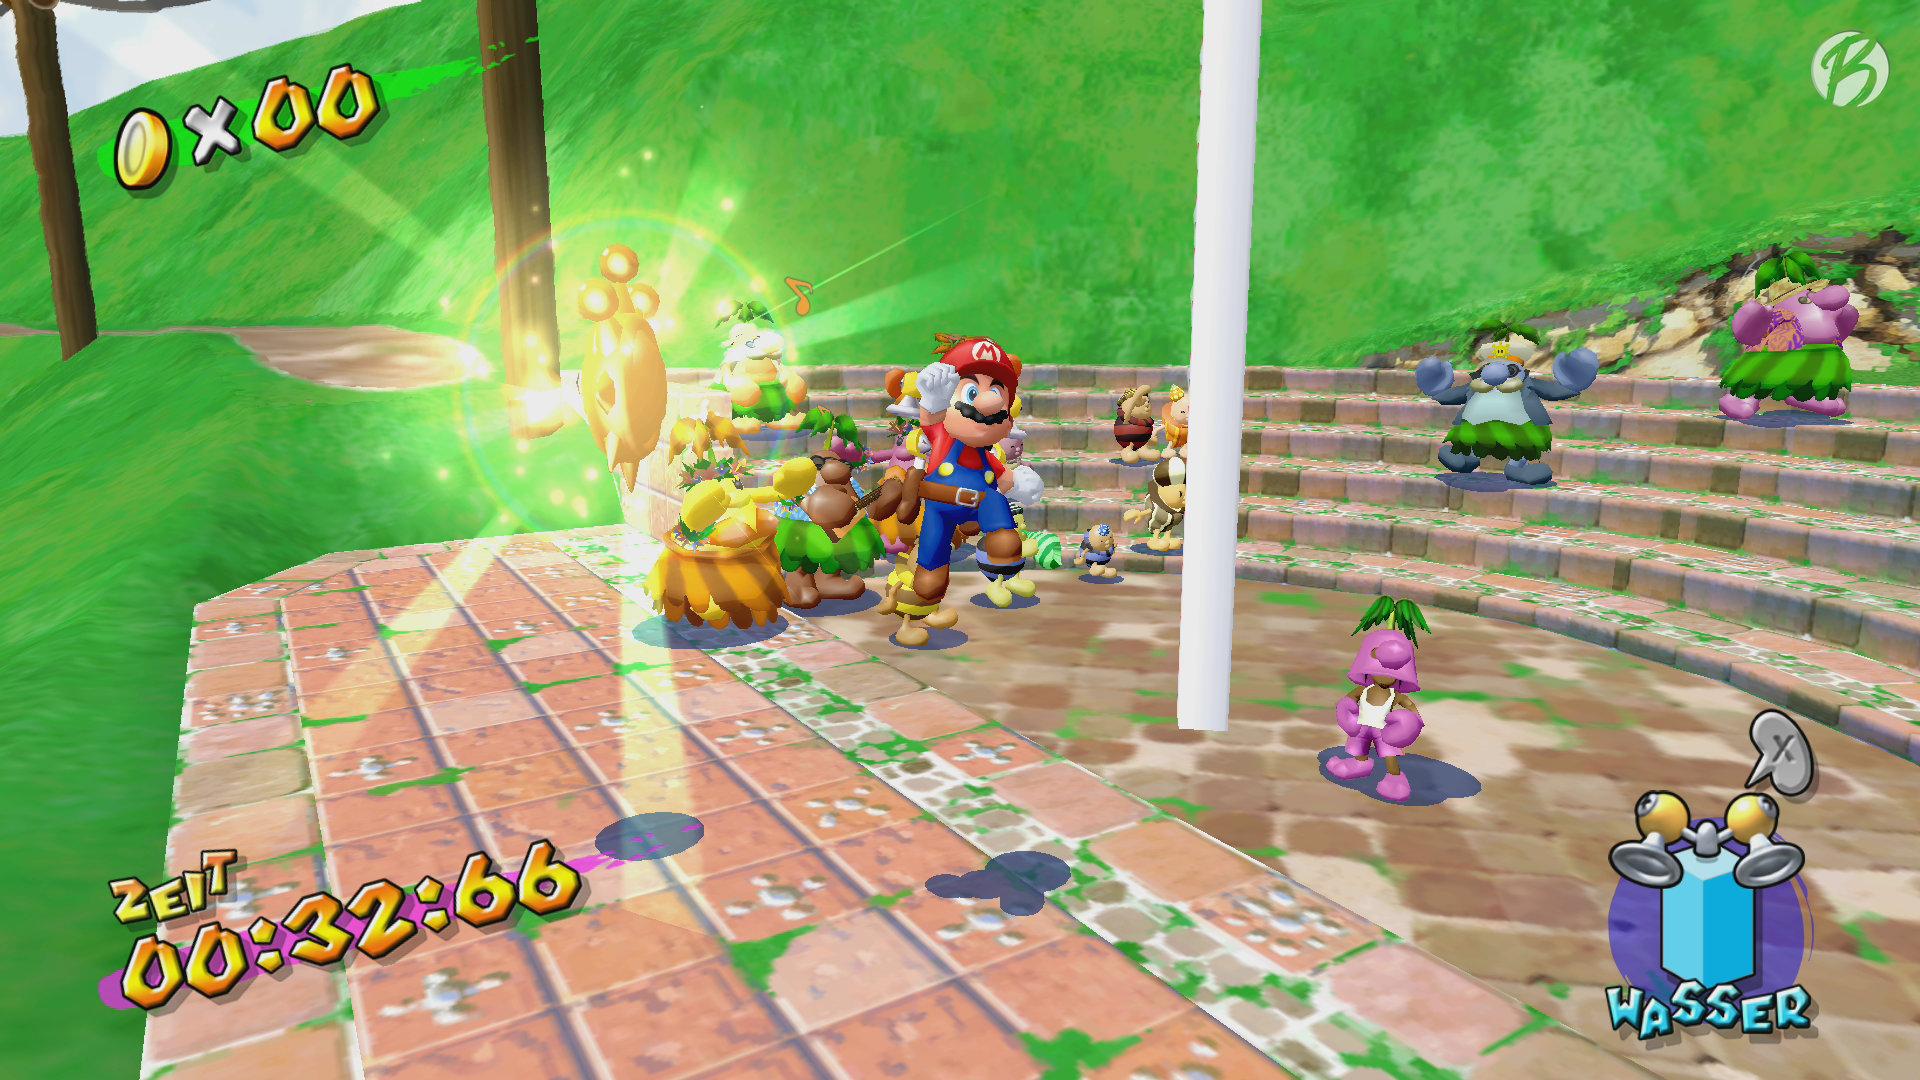 Super Mario 3D All-Stars - Super Mario Sunshine - Unter der lilafarbenen Maskierung (Palmathon) versteckt sich ein The Legend of Zelda Charakter!